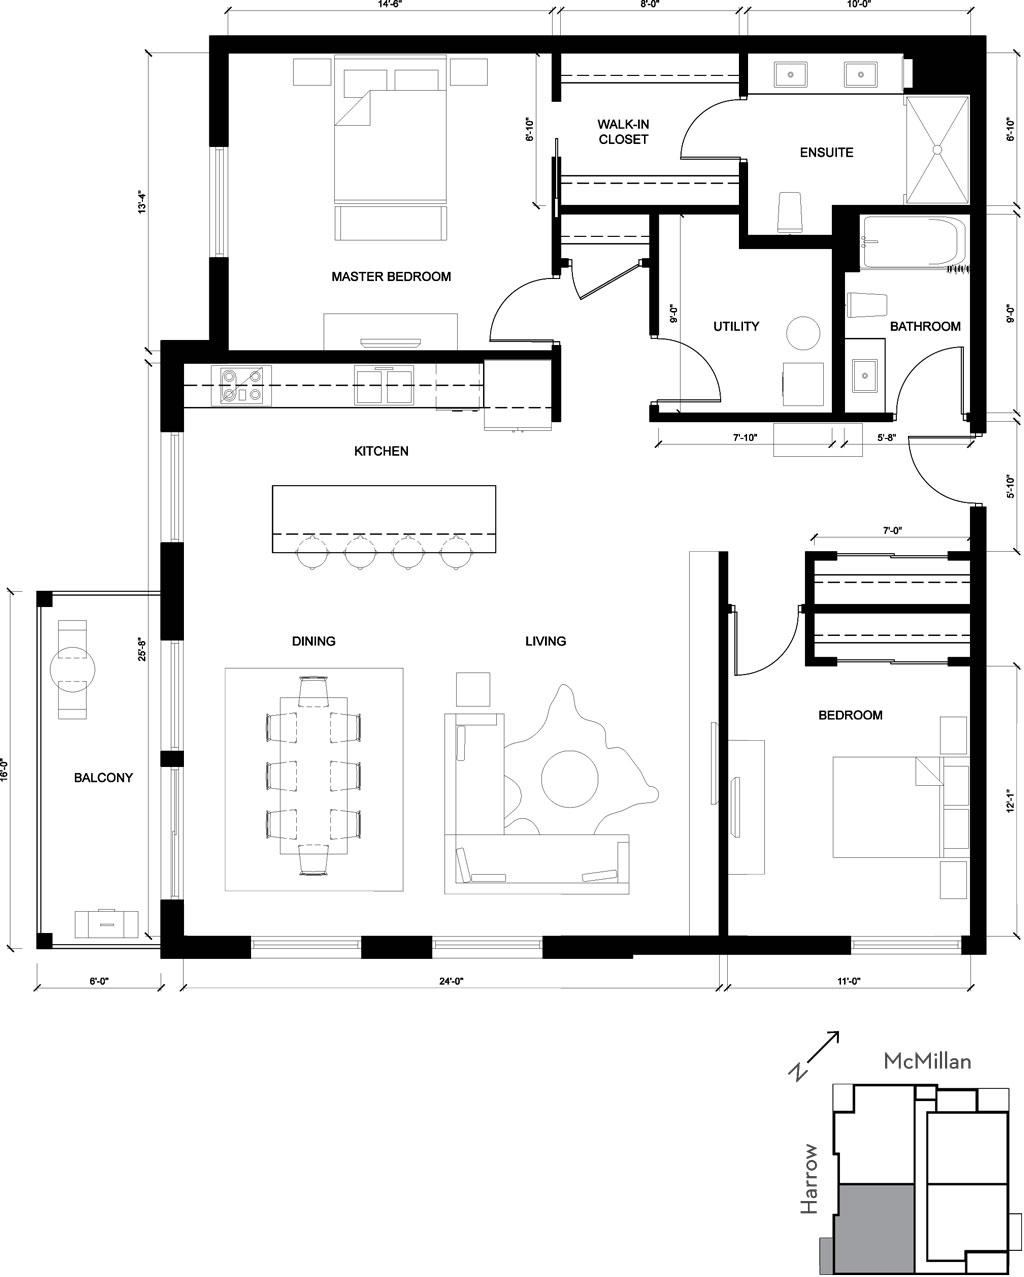 The Kingsway suite - 2d floorplan